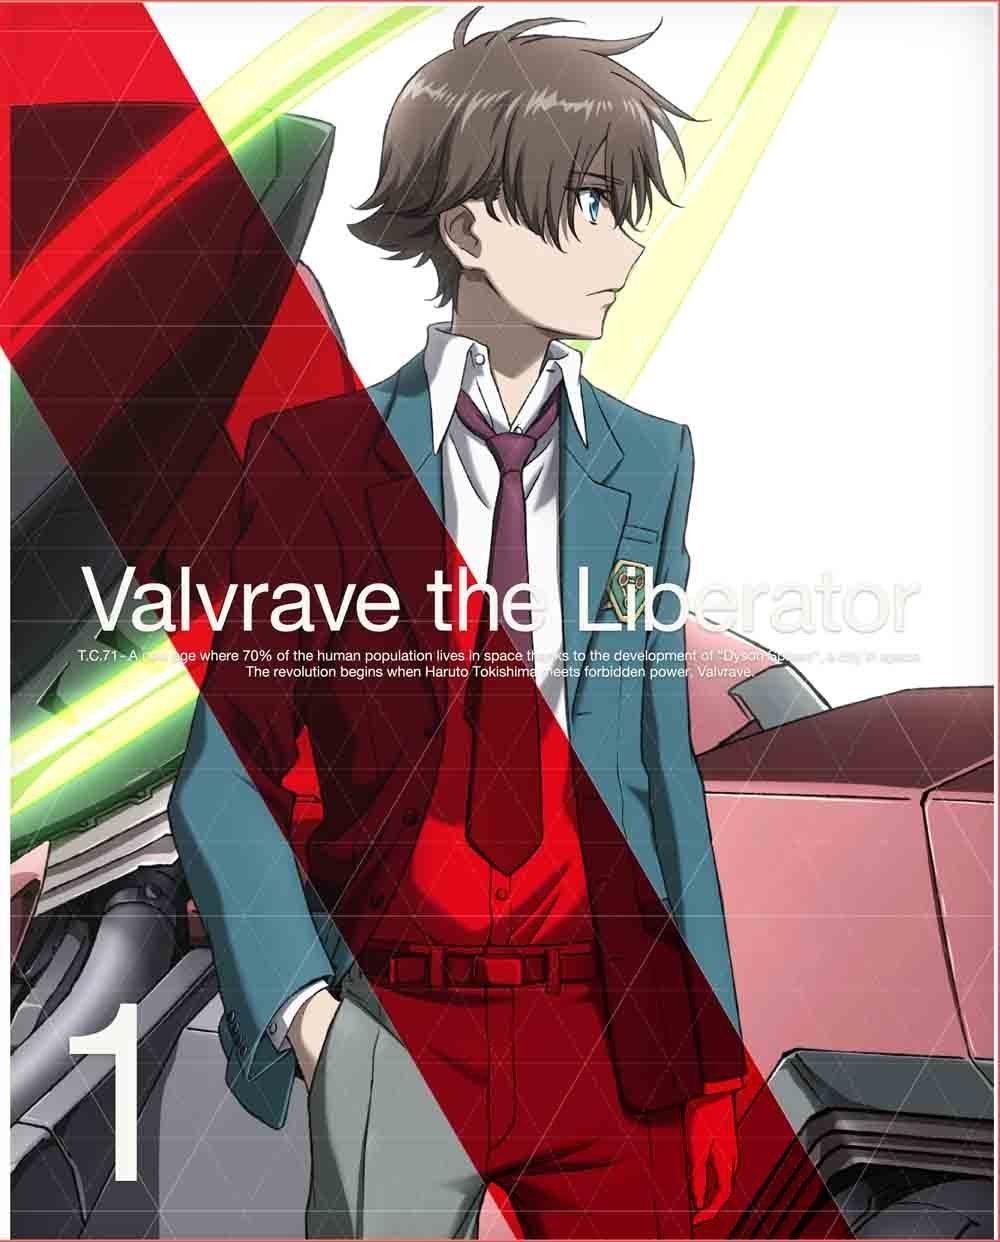 革命機ヴァルヴレイヴ (完全生産限定版) (1期+2期)全12巻セット [Blu-rayセット]